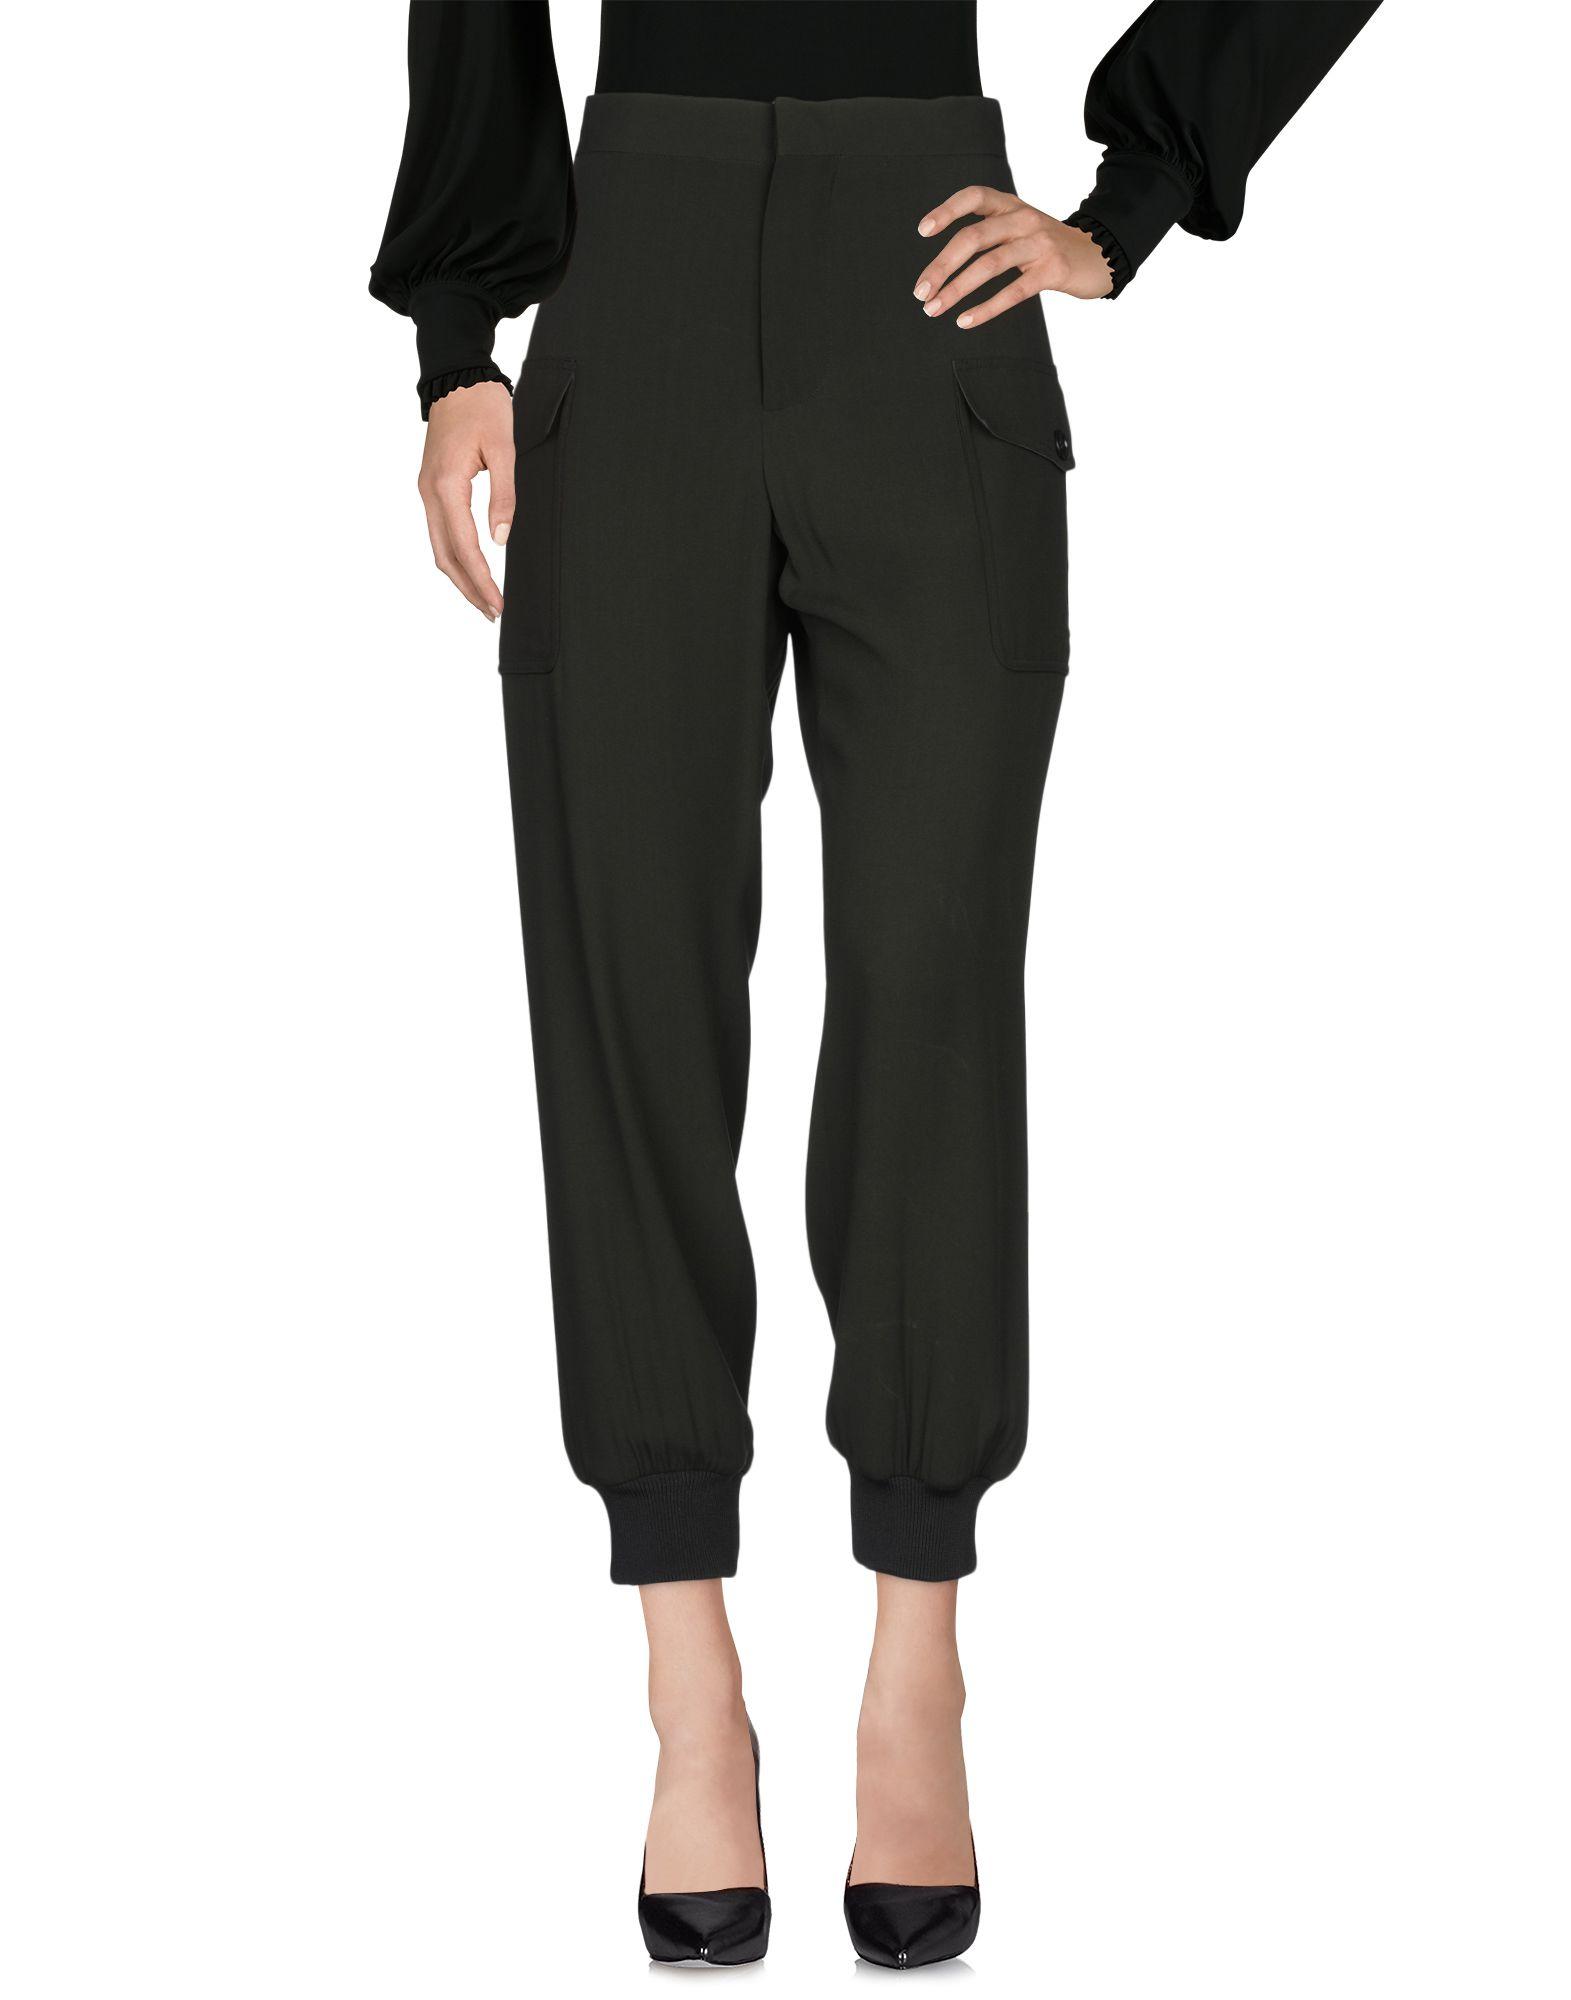 MARNI Повседневные брюки мужские повседневные брюки белья шелк смесь брюки плюс размер штаны брюки ореховый c159